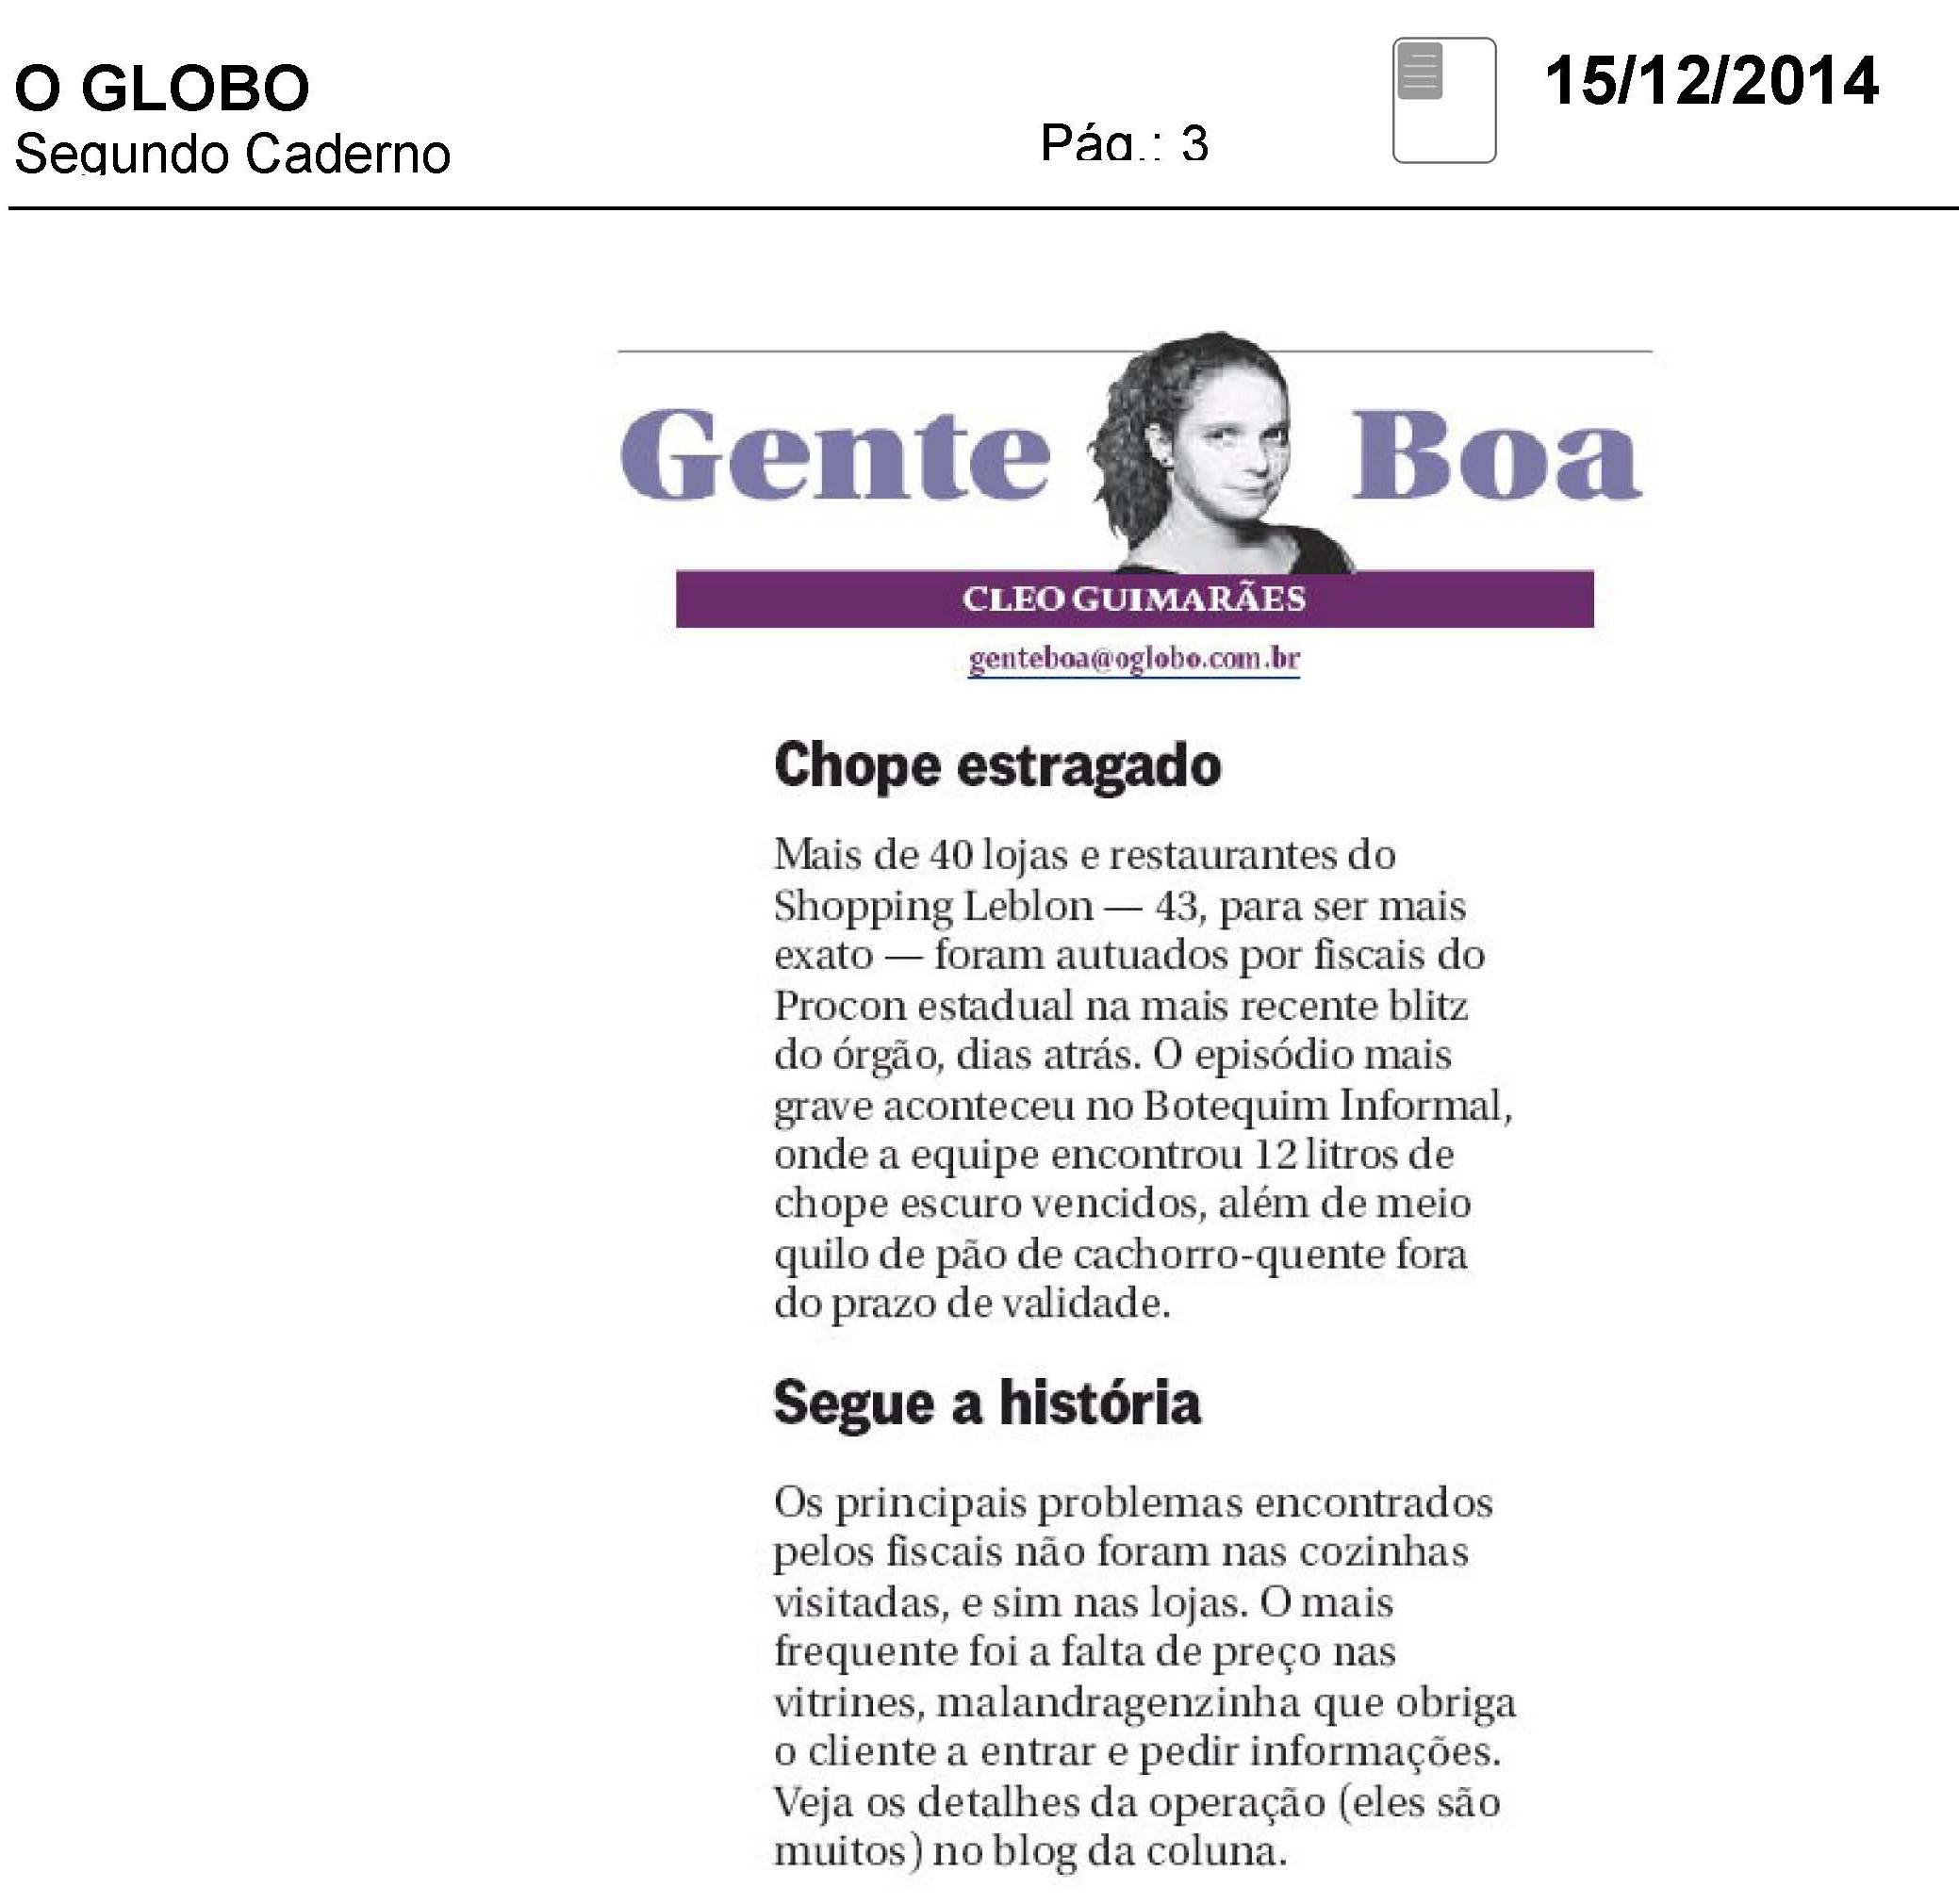 ho_ho_ho_Gente_Boa_jornal_1418663419.72.jpg